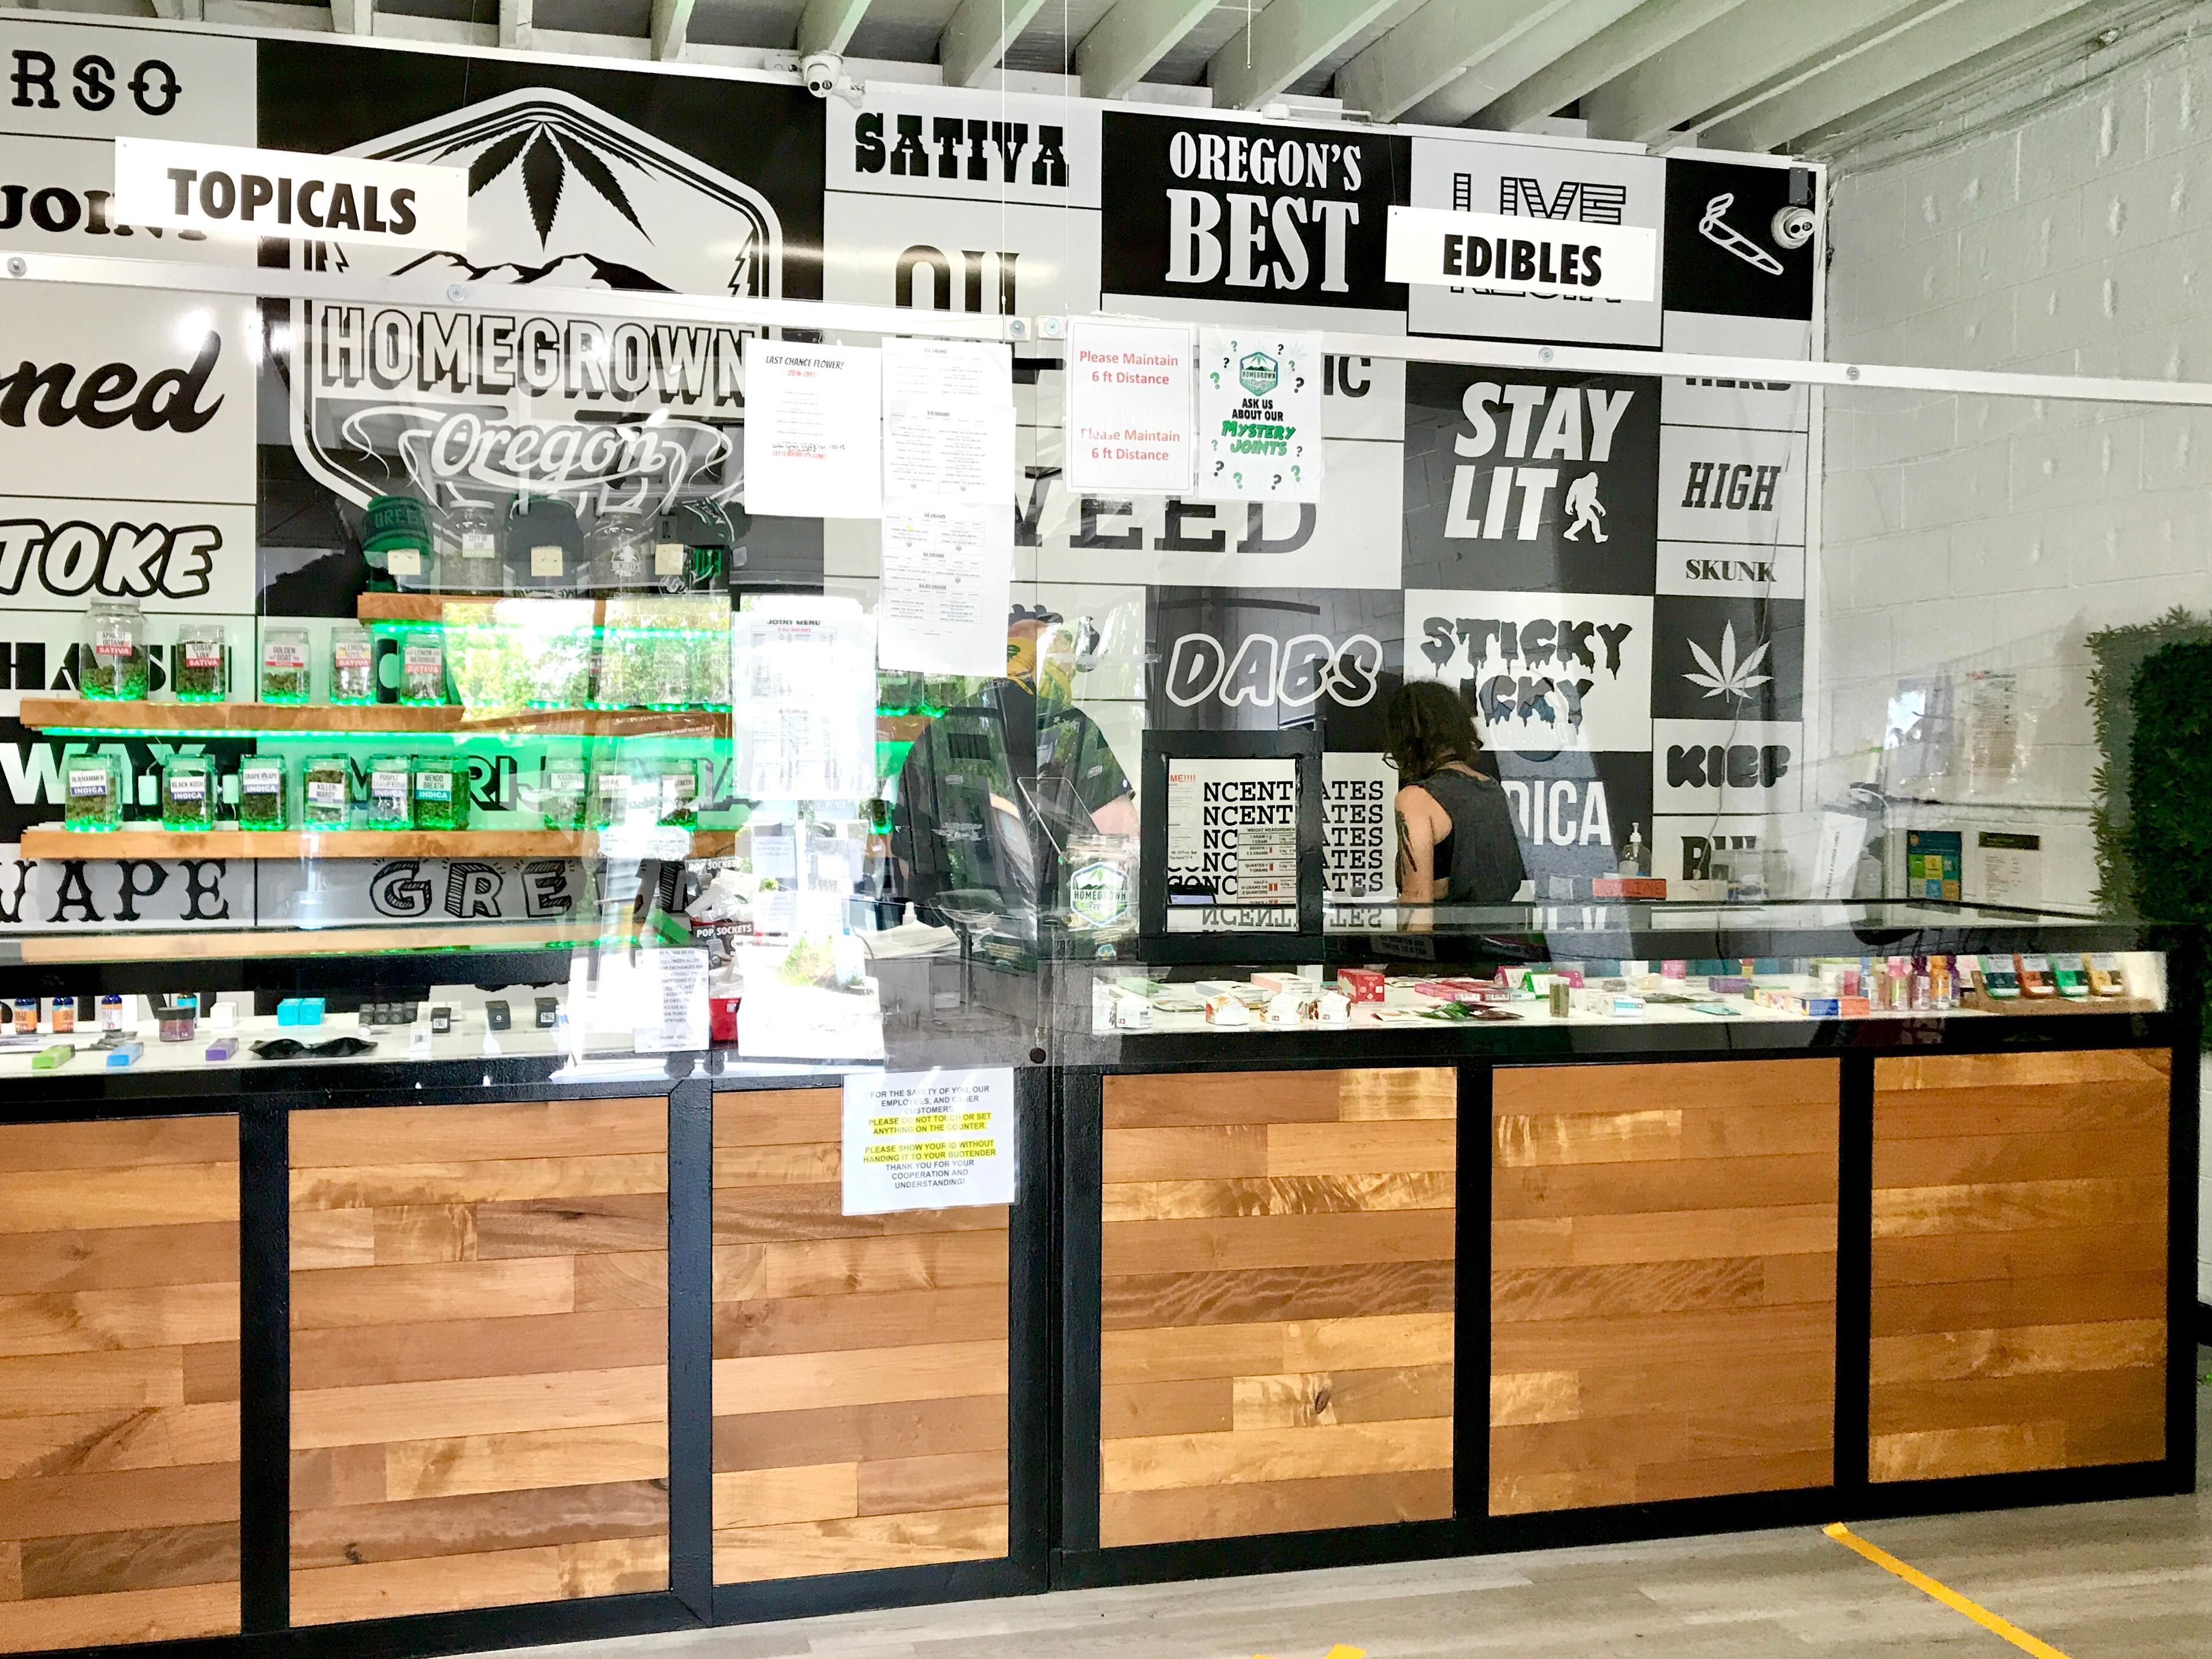 Homegrown Oregon Recreational & Medical Marijuana Dispensary Keizer